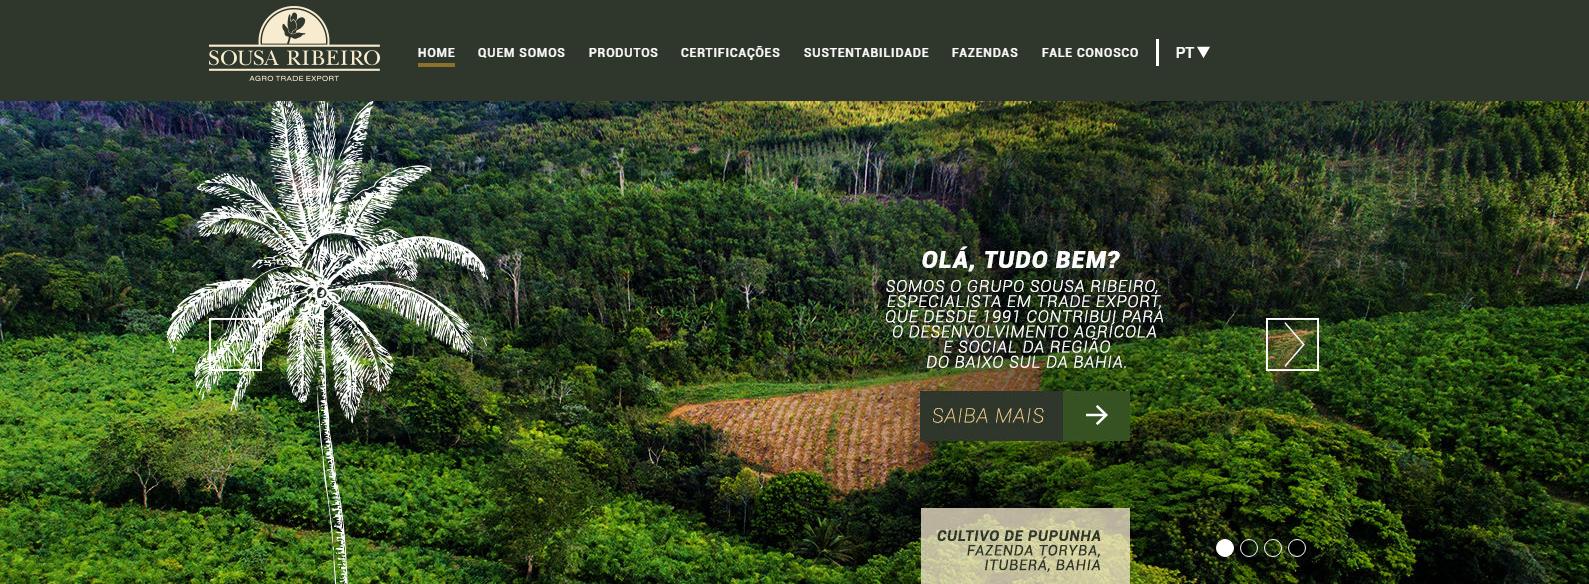 Imagem do projeto Novo site Souza Ribeiro